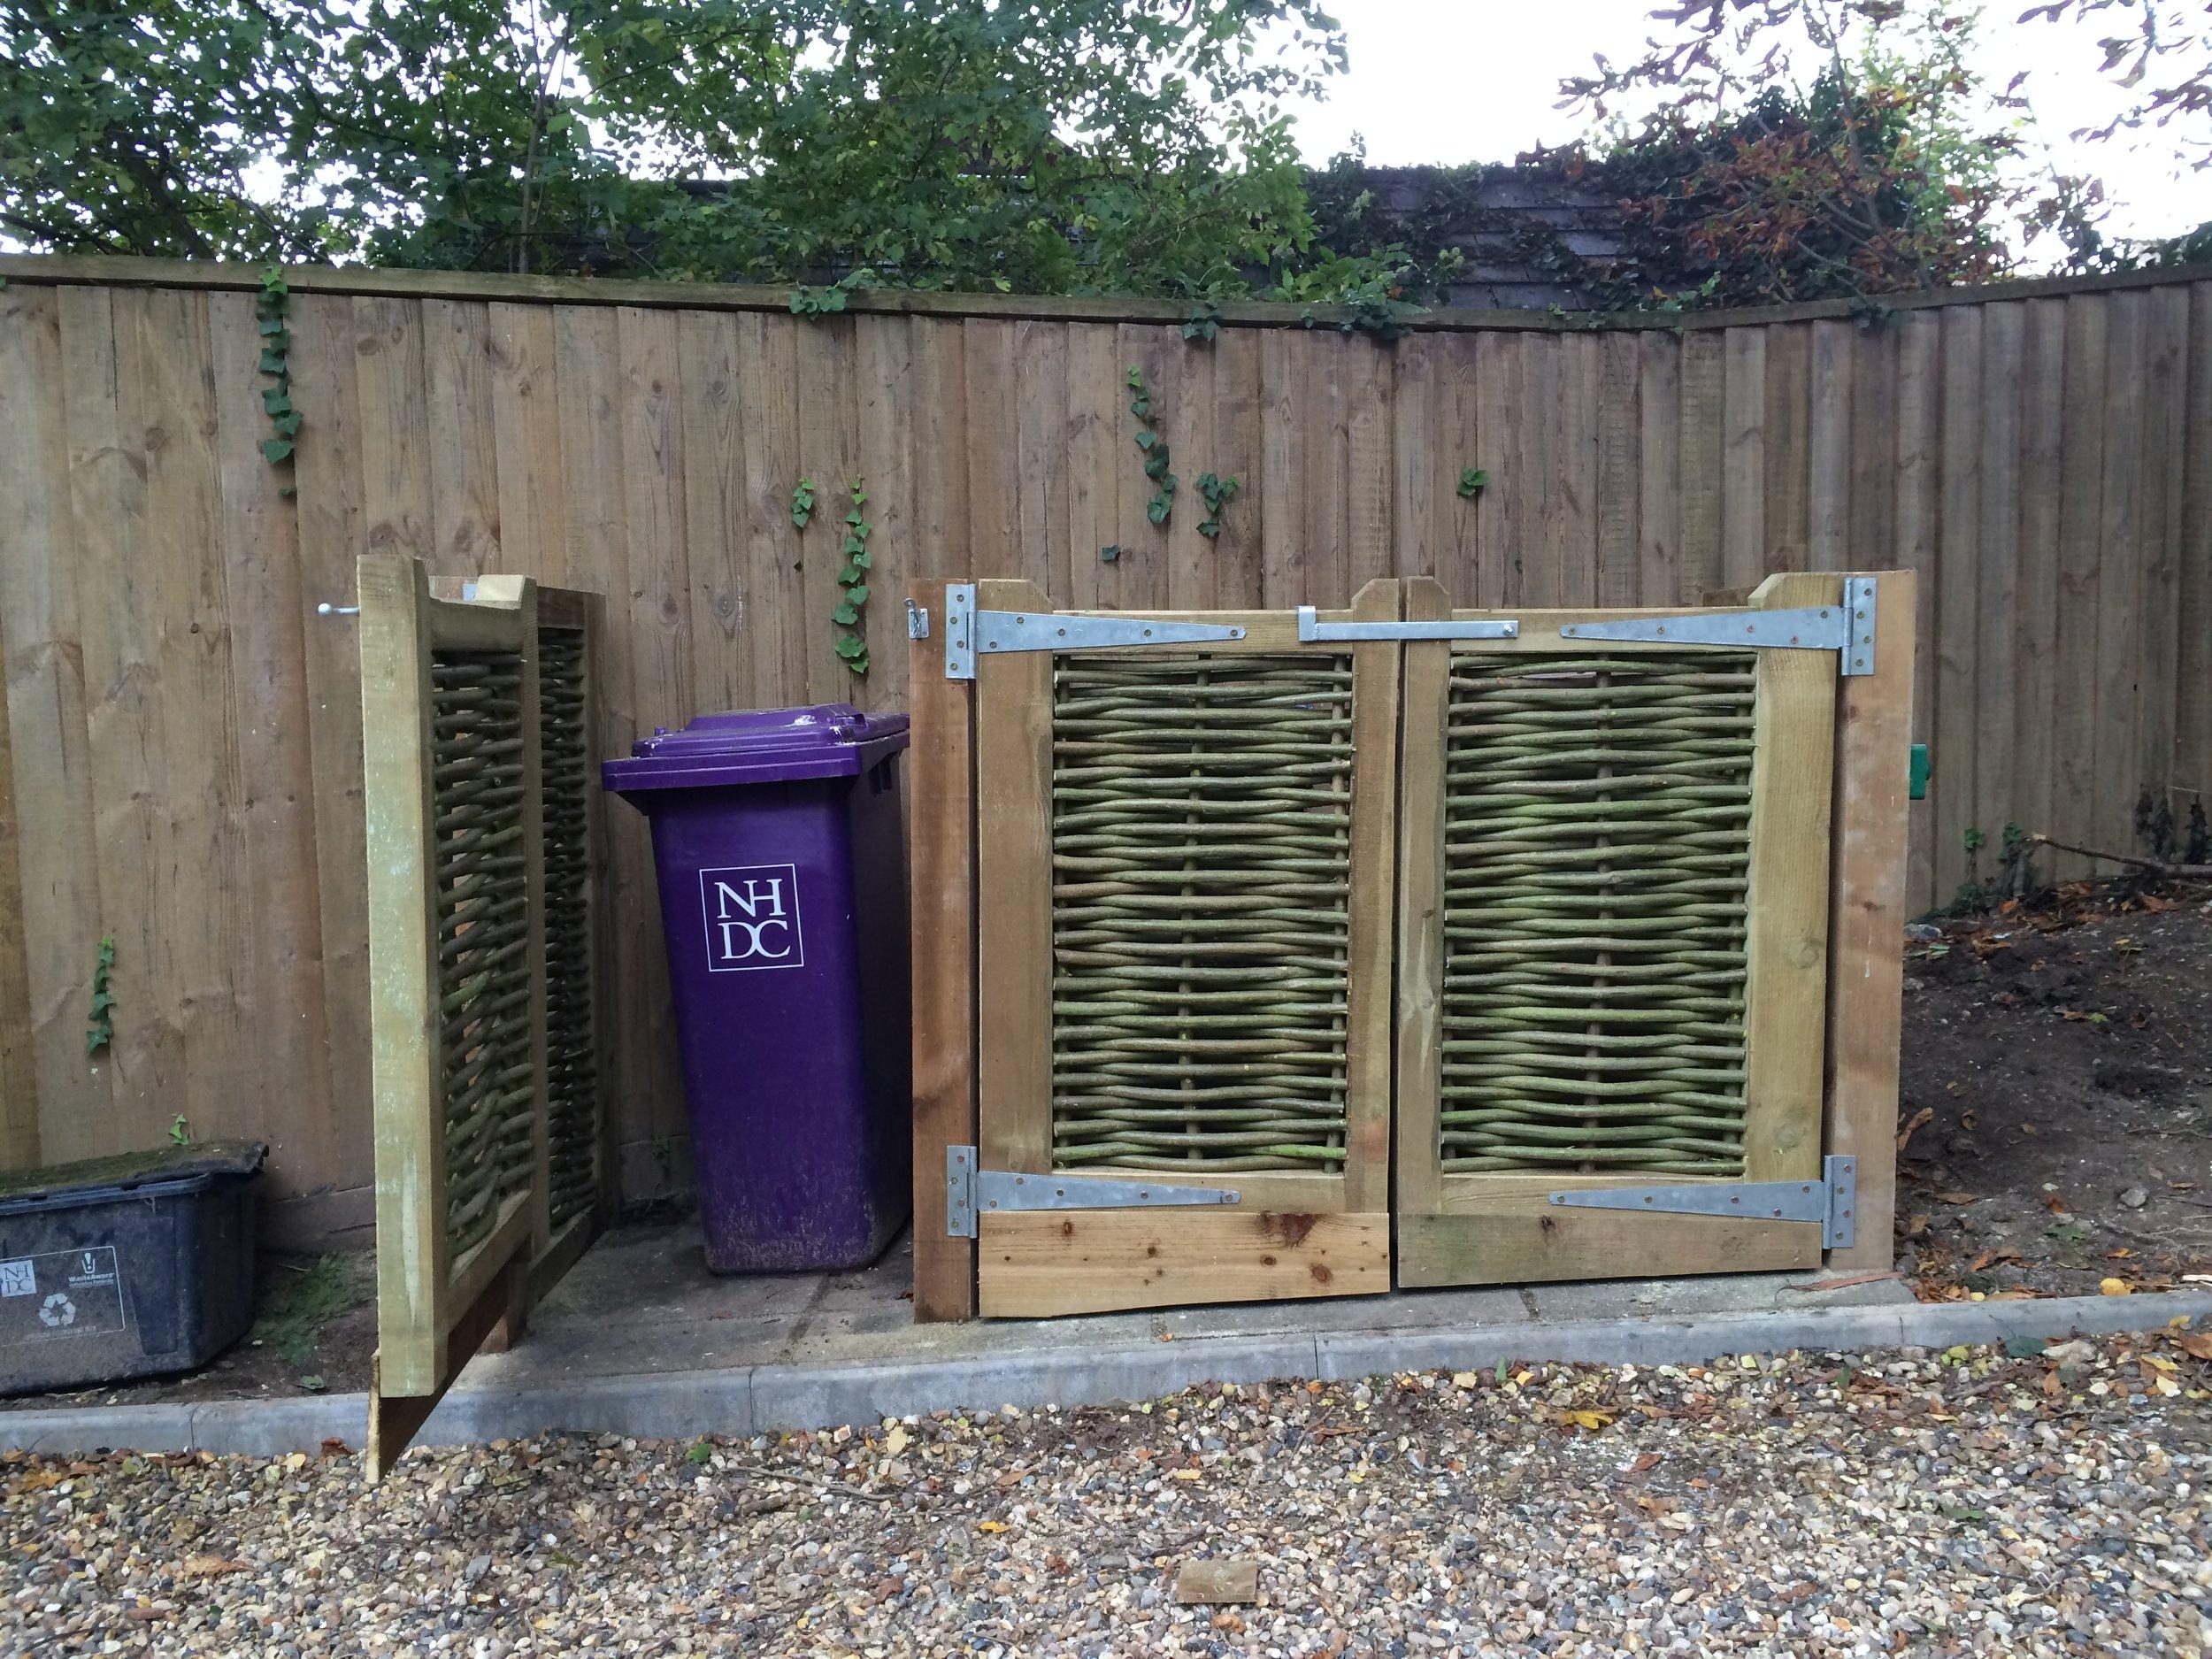 Beautiful bins!